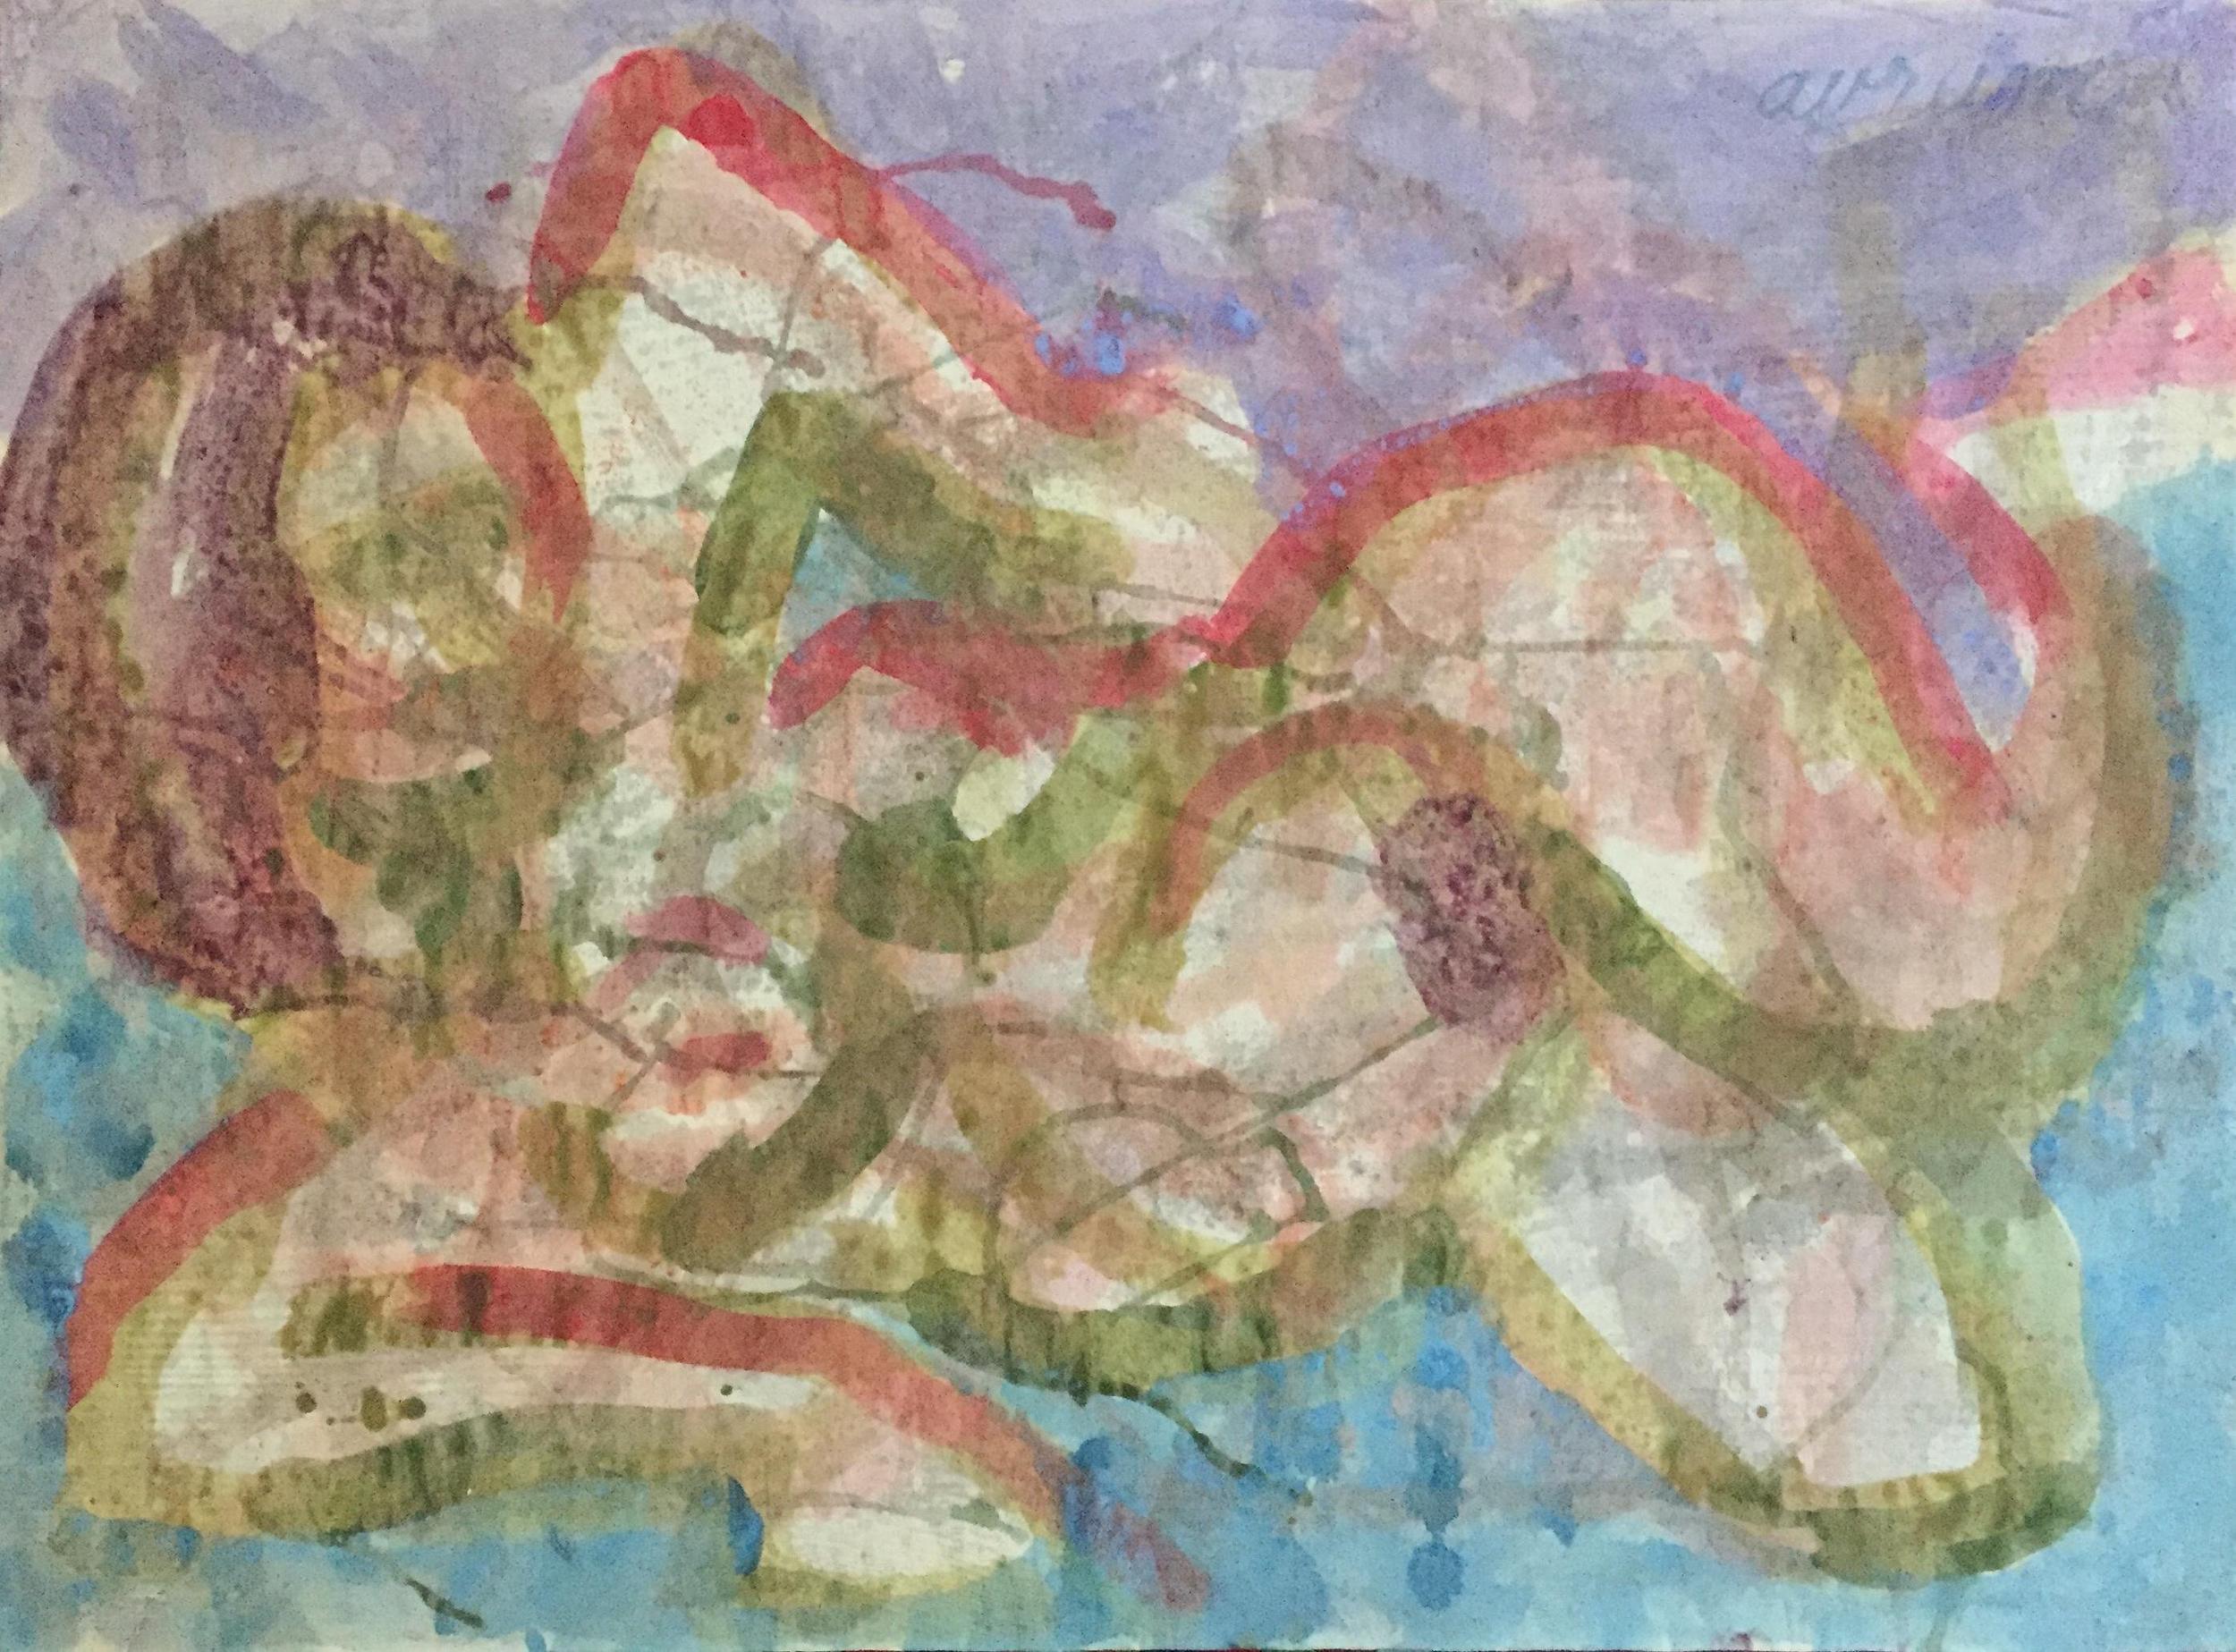 beatnik figure painting - Chairish // $275